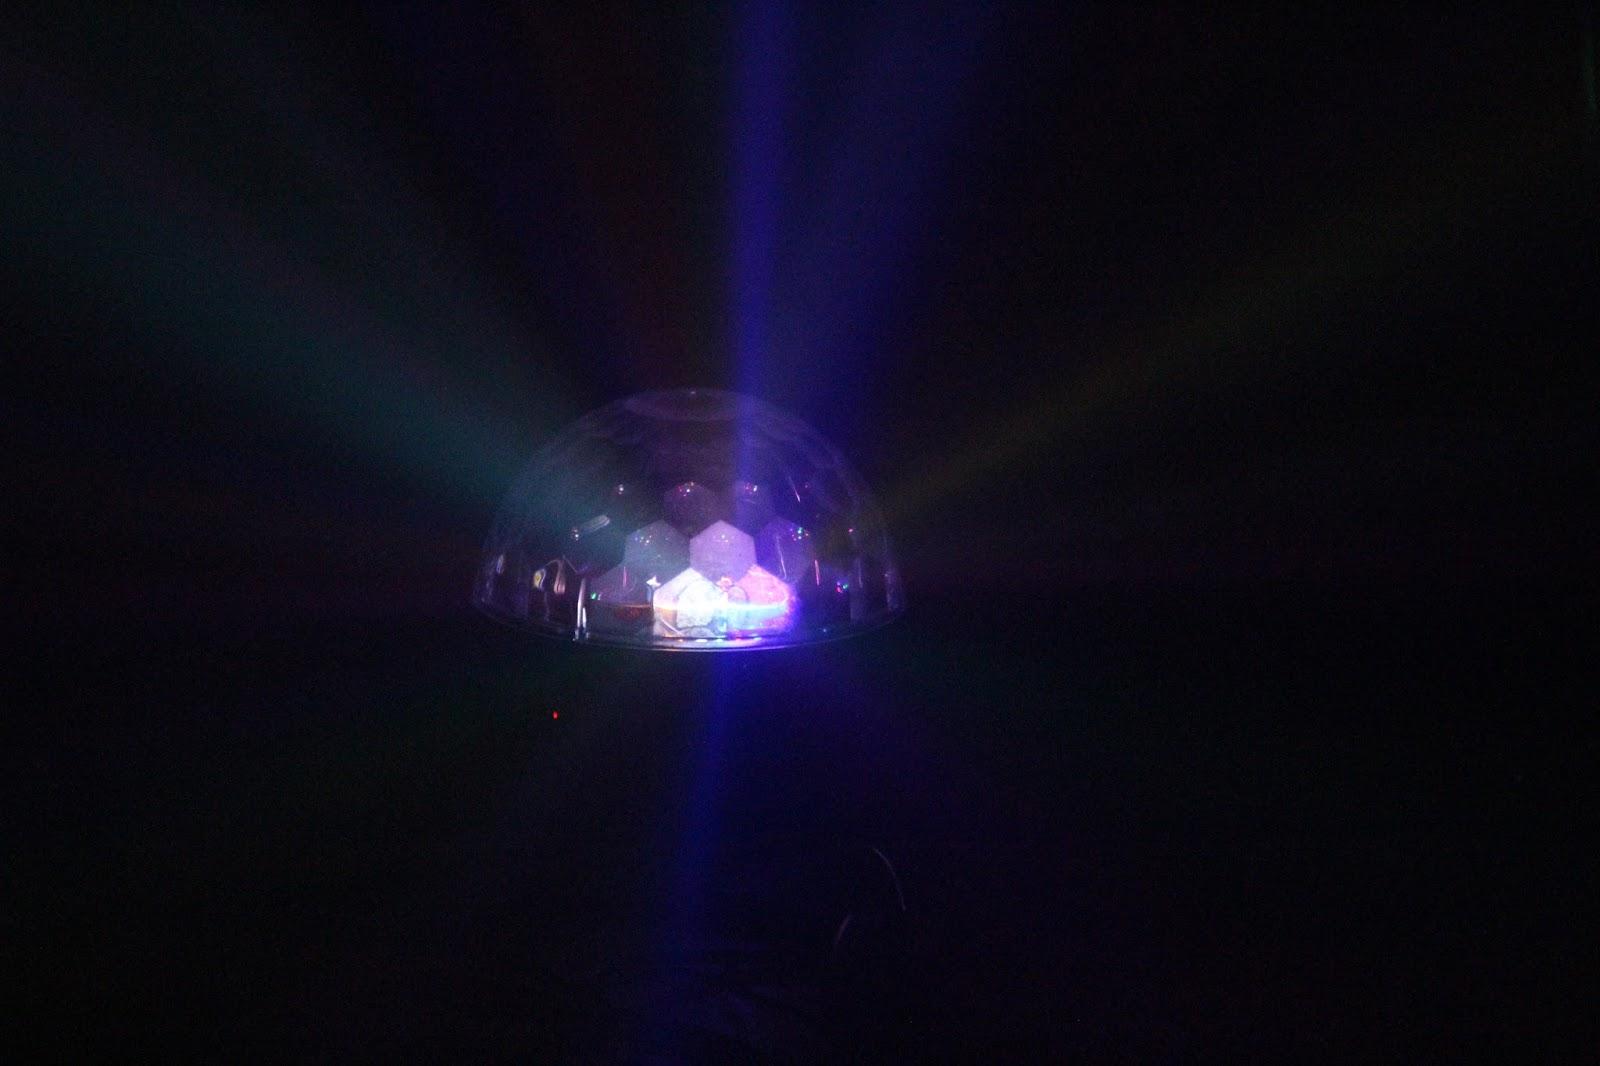 Zu Sehen Gab Es Wenig Coals Standen Im Nebel Auf Der Von Oben Vollkommen Unbeleuchteten Bhne Und Wurden Nur Einer LED Halbkugel So Discokugel